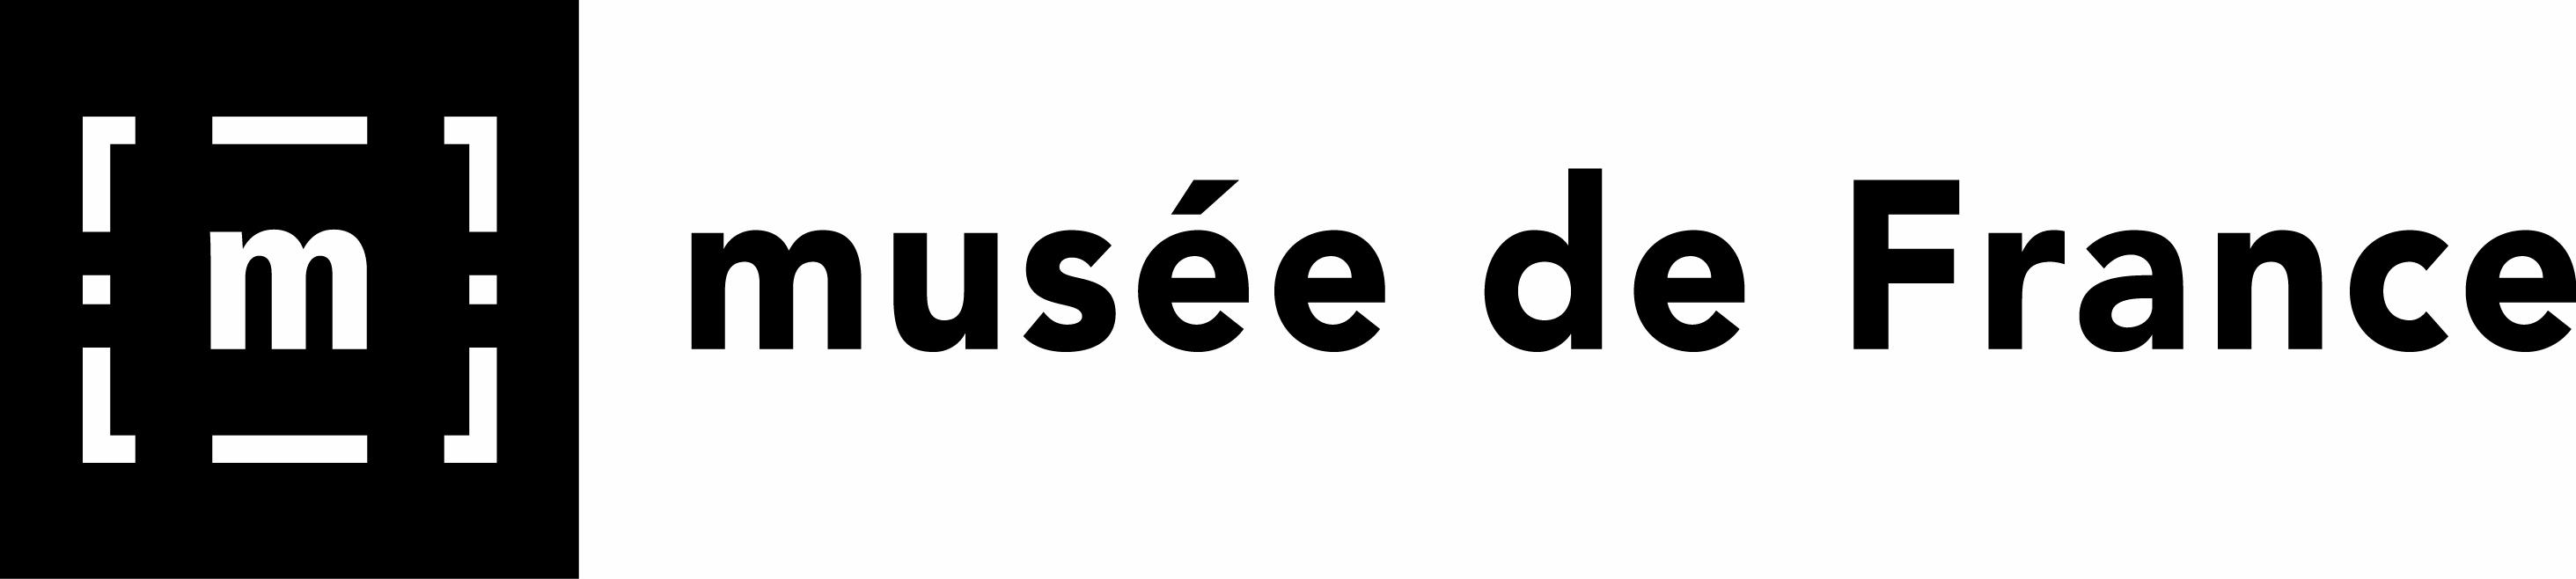 nos partenaires - logo musée de France